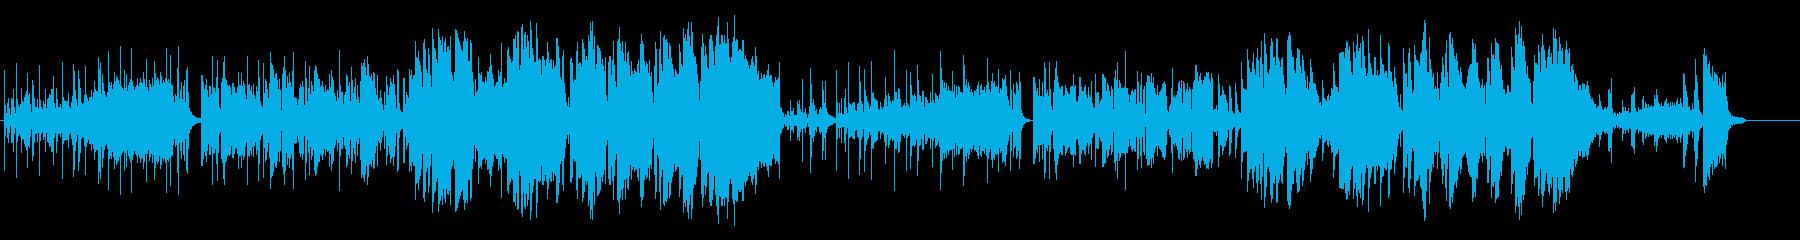 ファンキーなフュージョン2の再生済みの波形